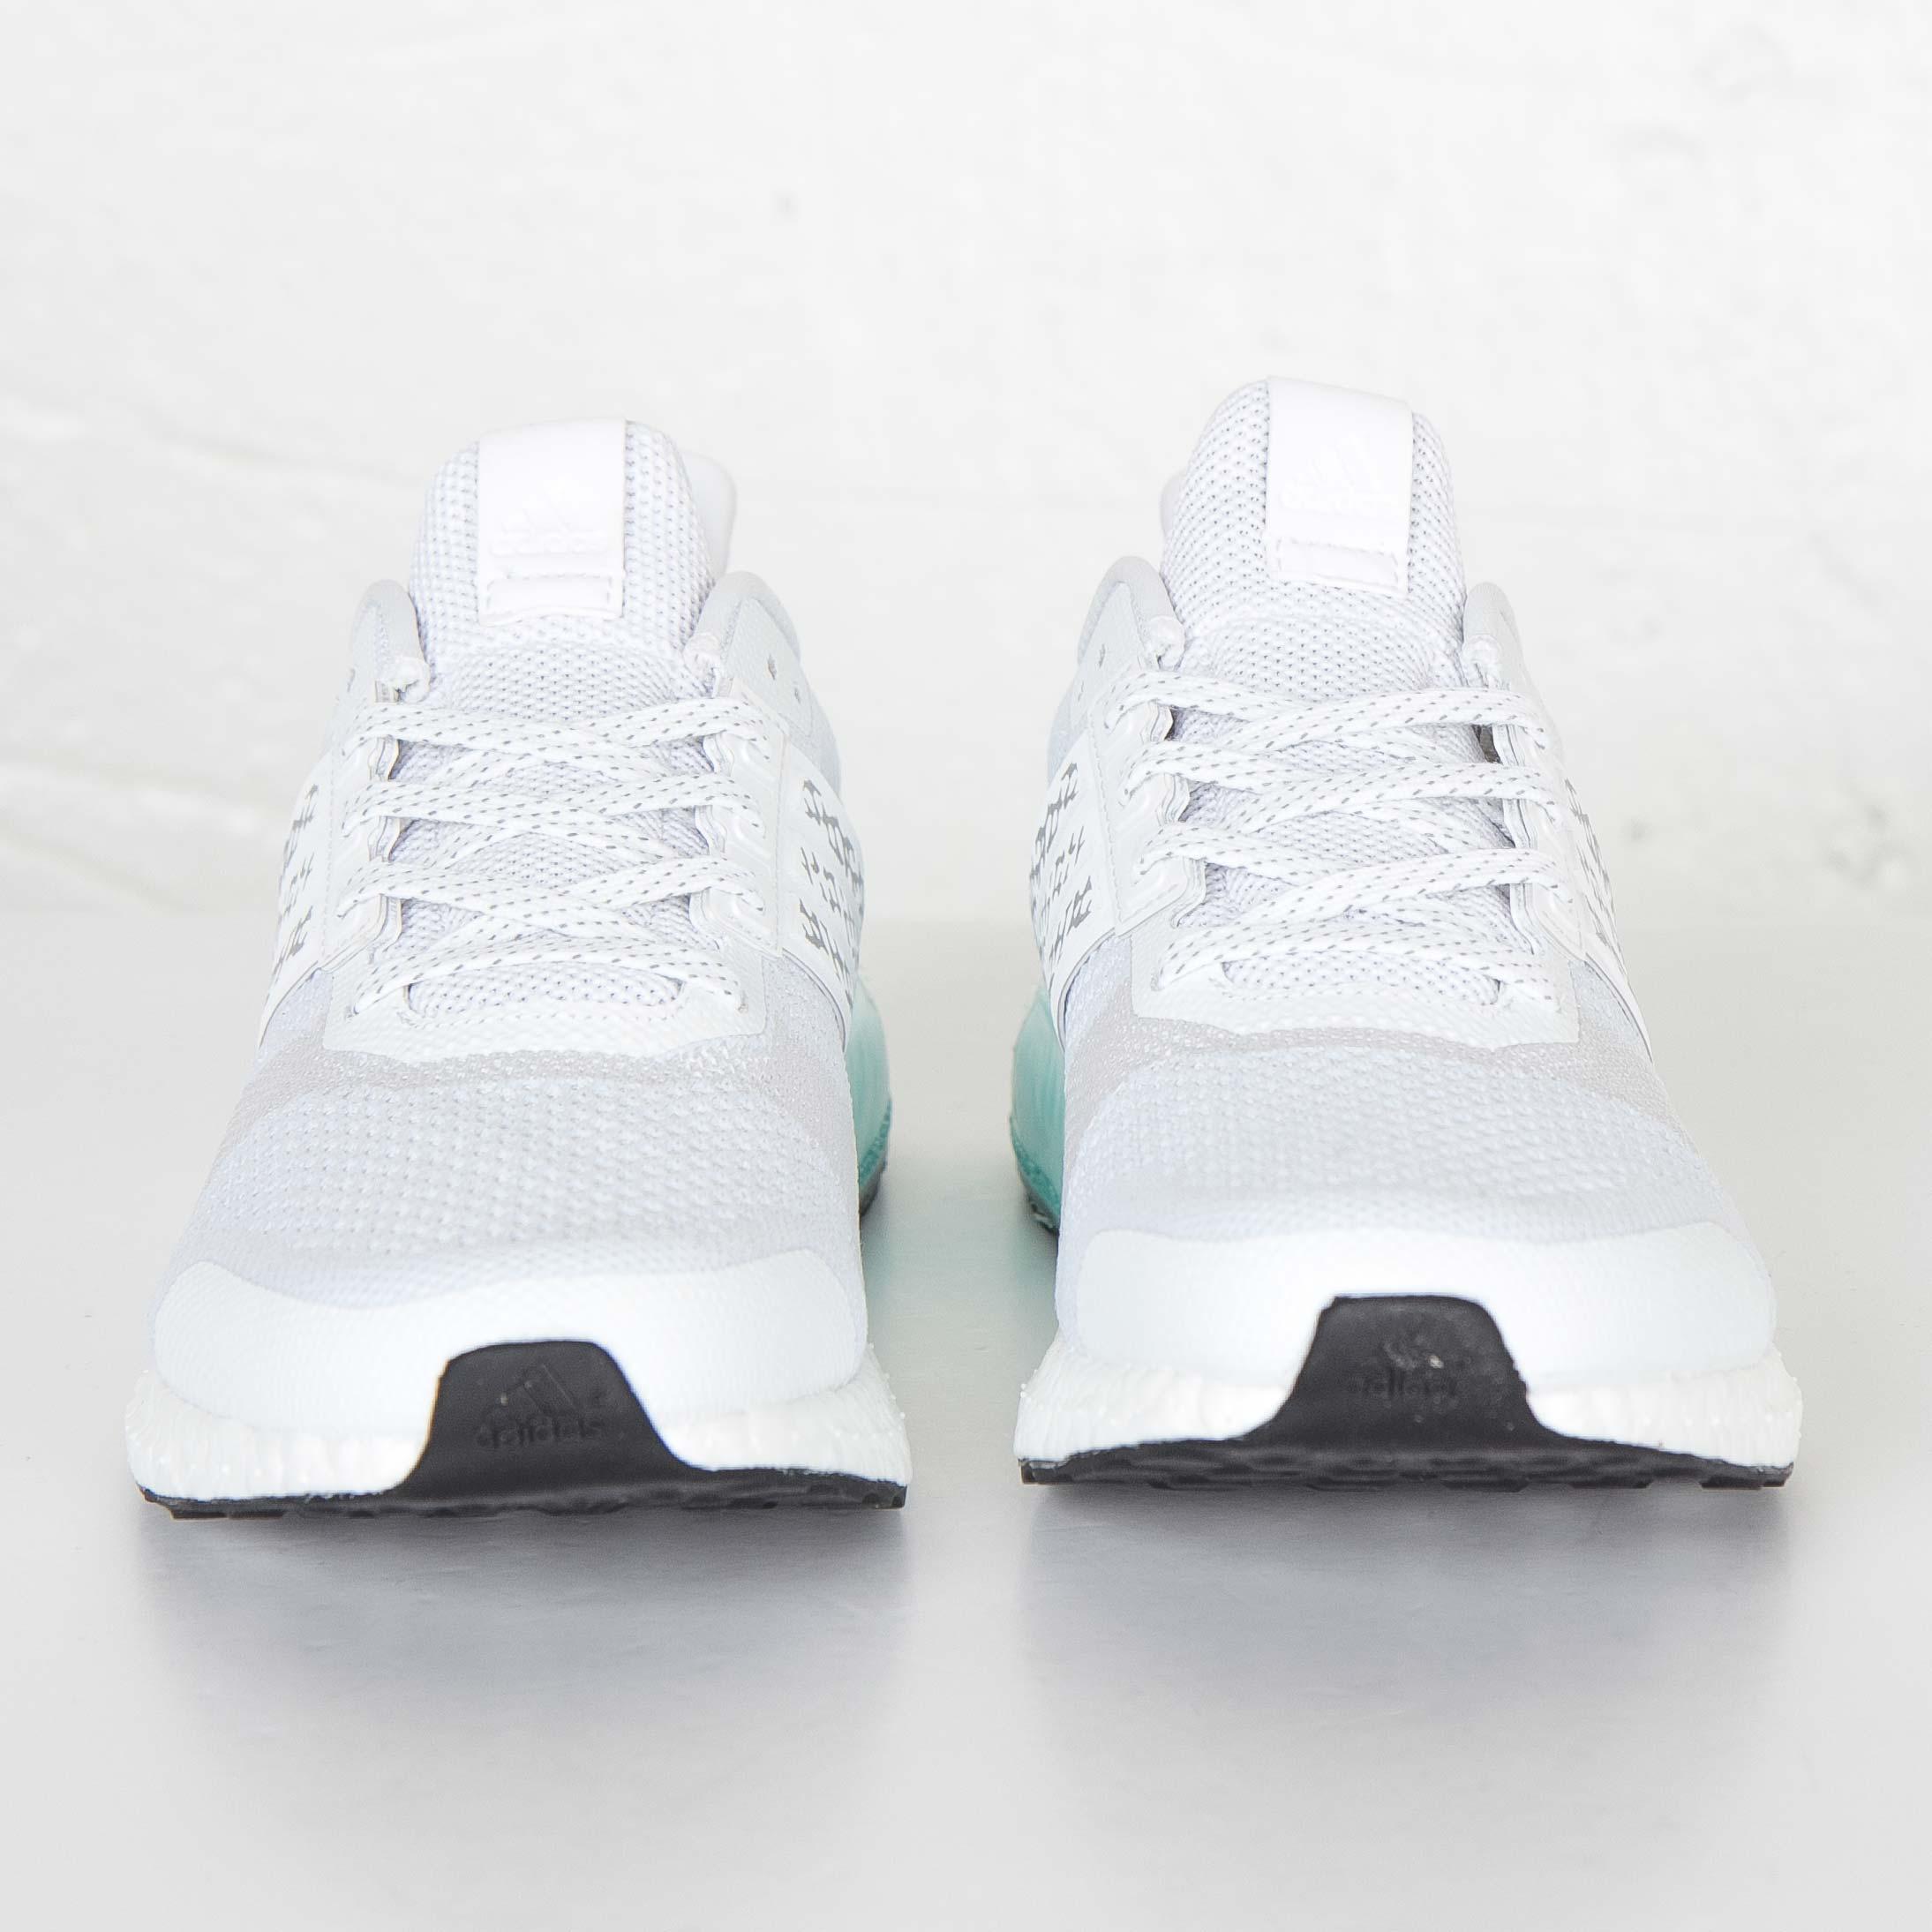 new styles 11716 009fe adidas Ultraboost ST Glow - Af6396 - Sneakersnstuff   sneakers   streetwear  online since 1999